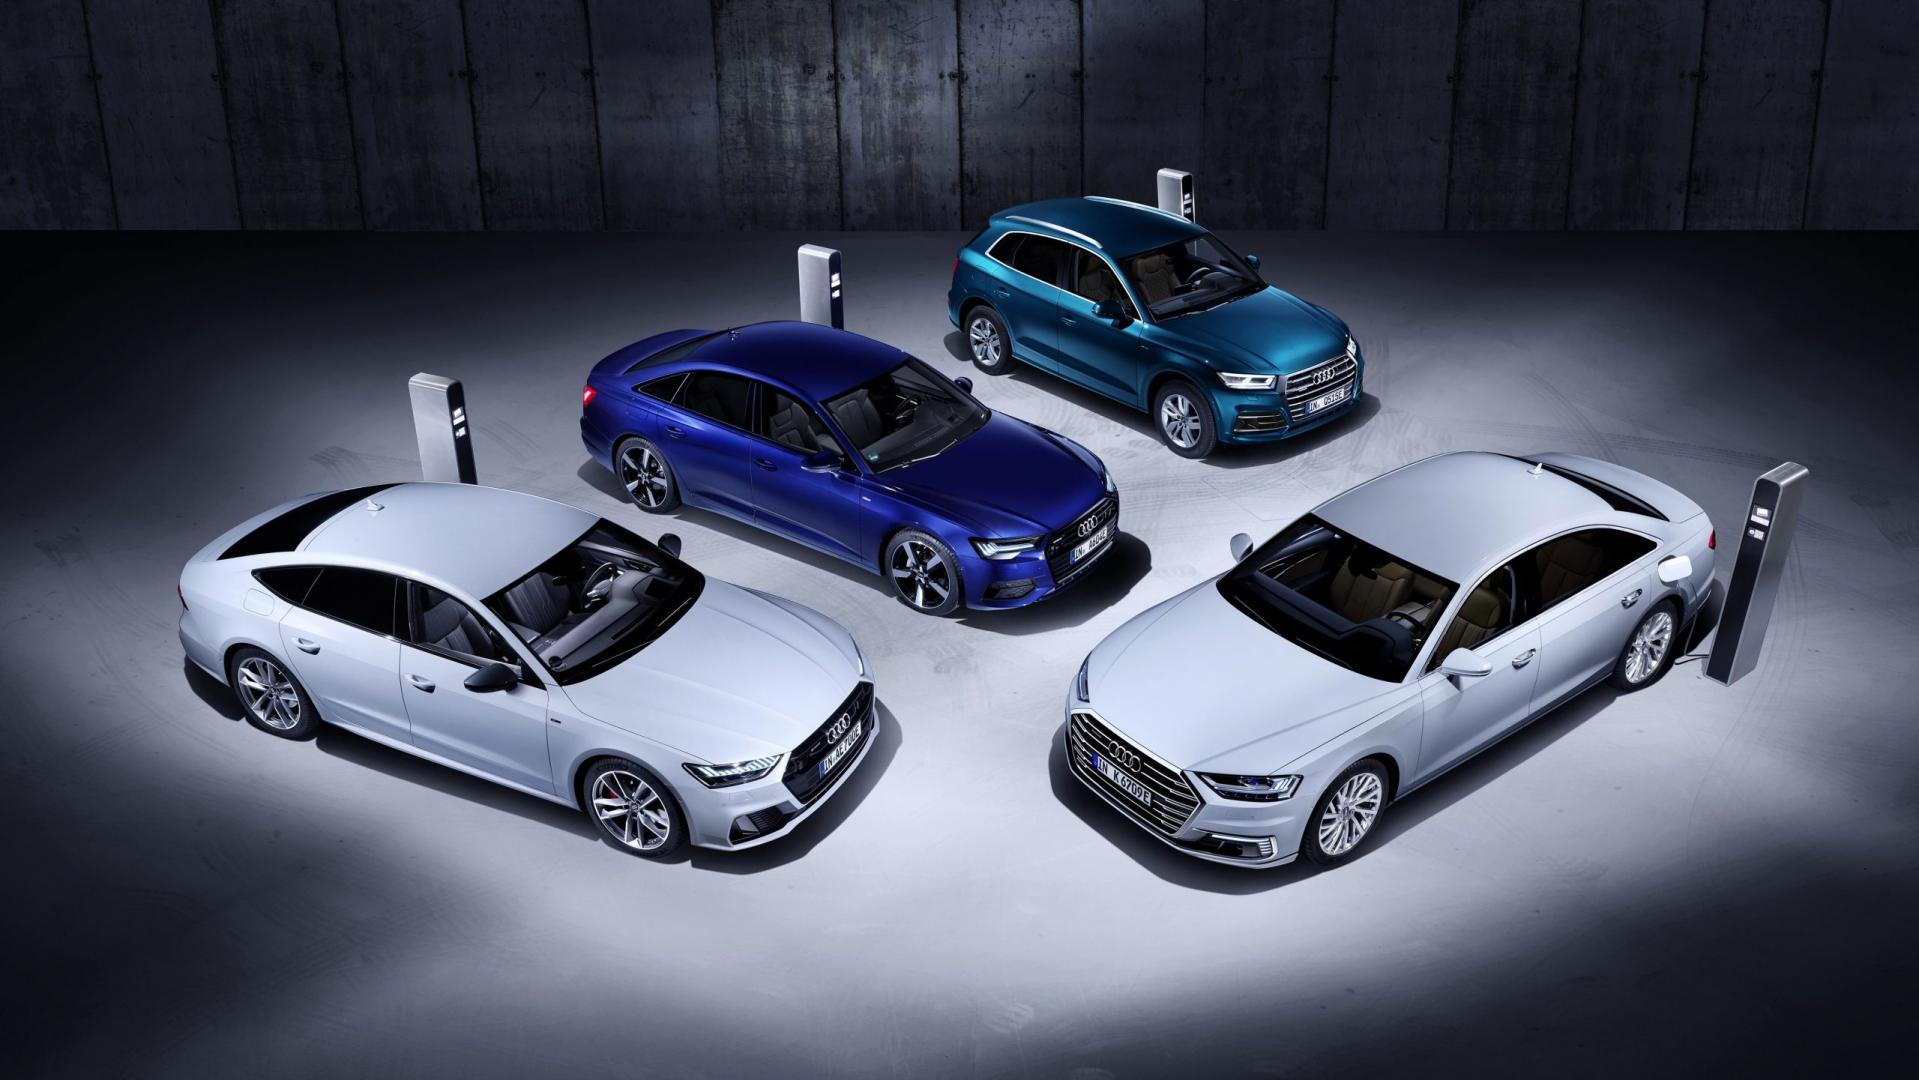 Audi plug-in aAudi plug-in hybride Audi Q5, A6, A7 und A8hybride